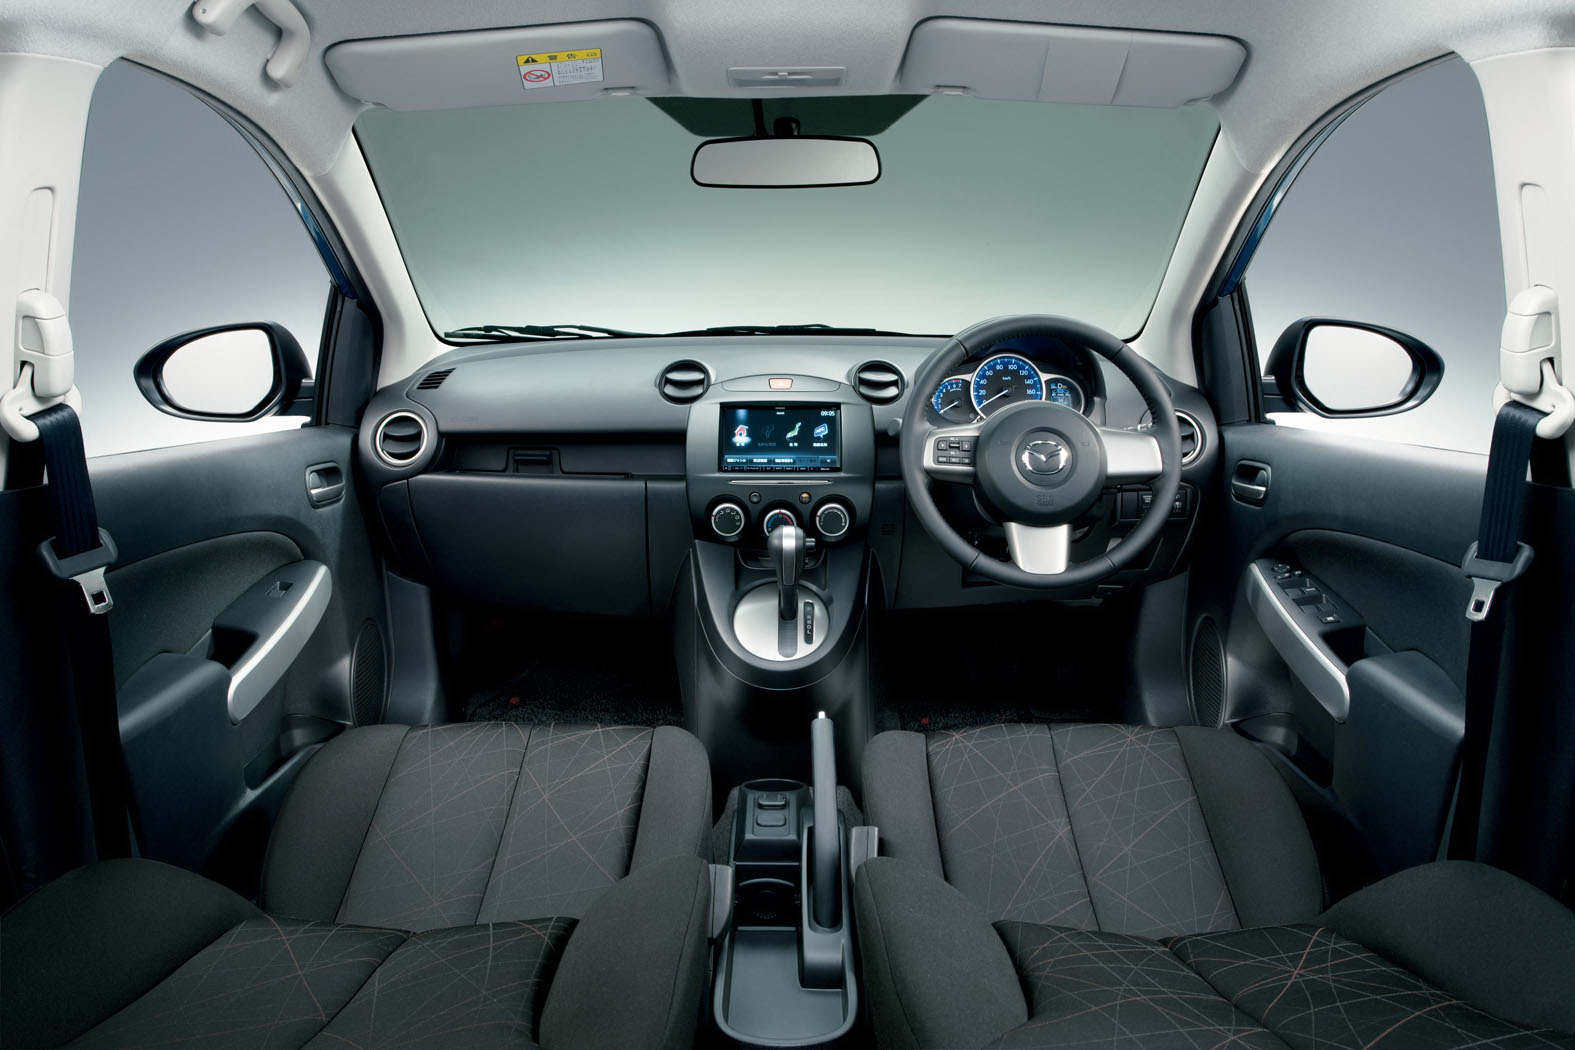 2012 Mazda Demio 13 SKYACTIV Arrives In Japan Image